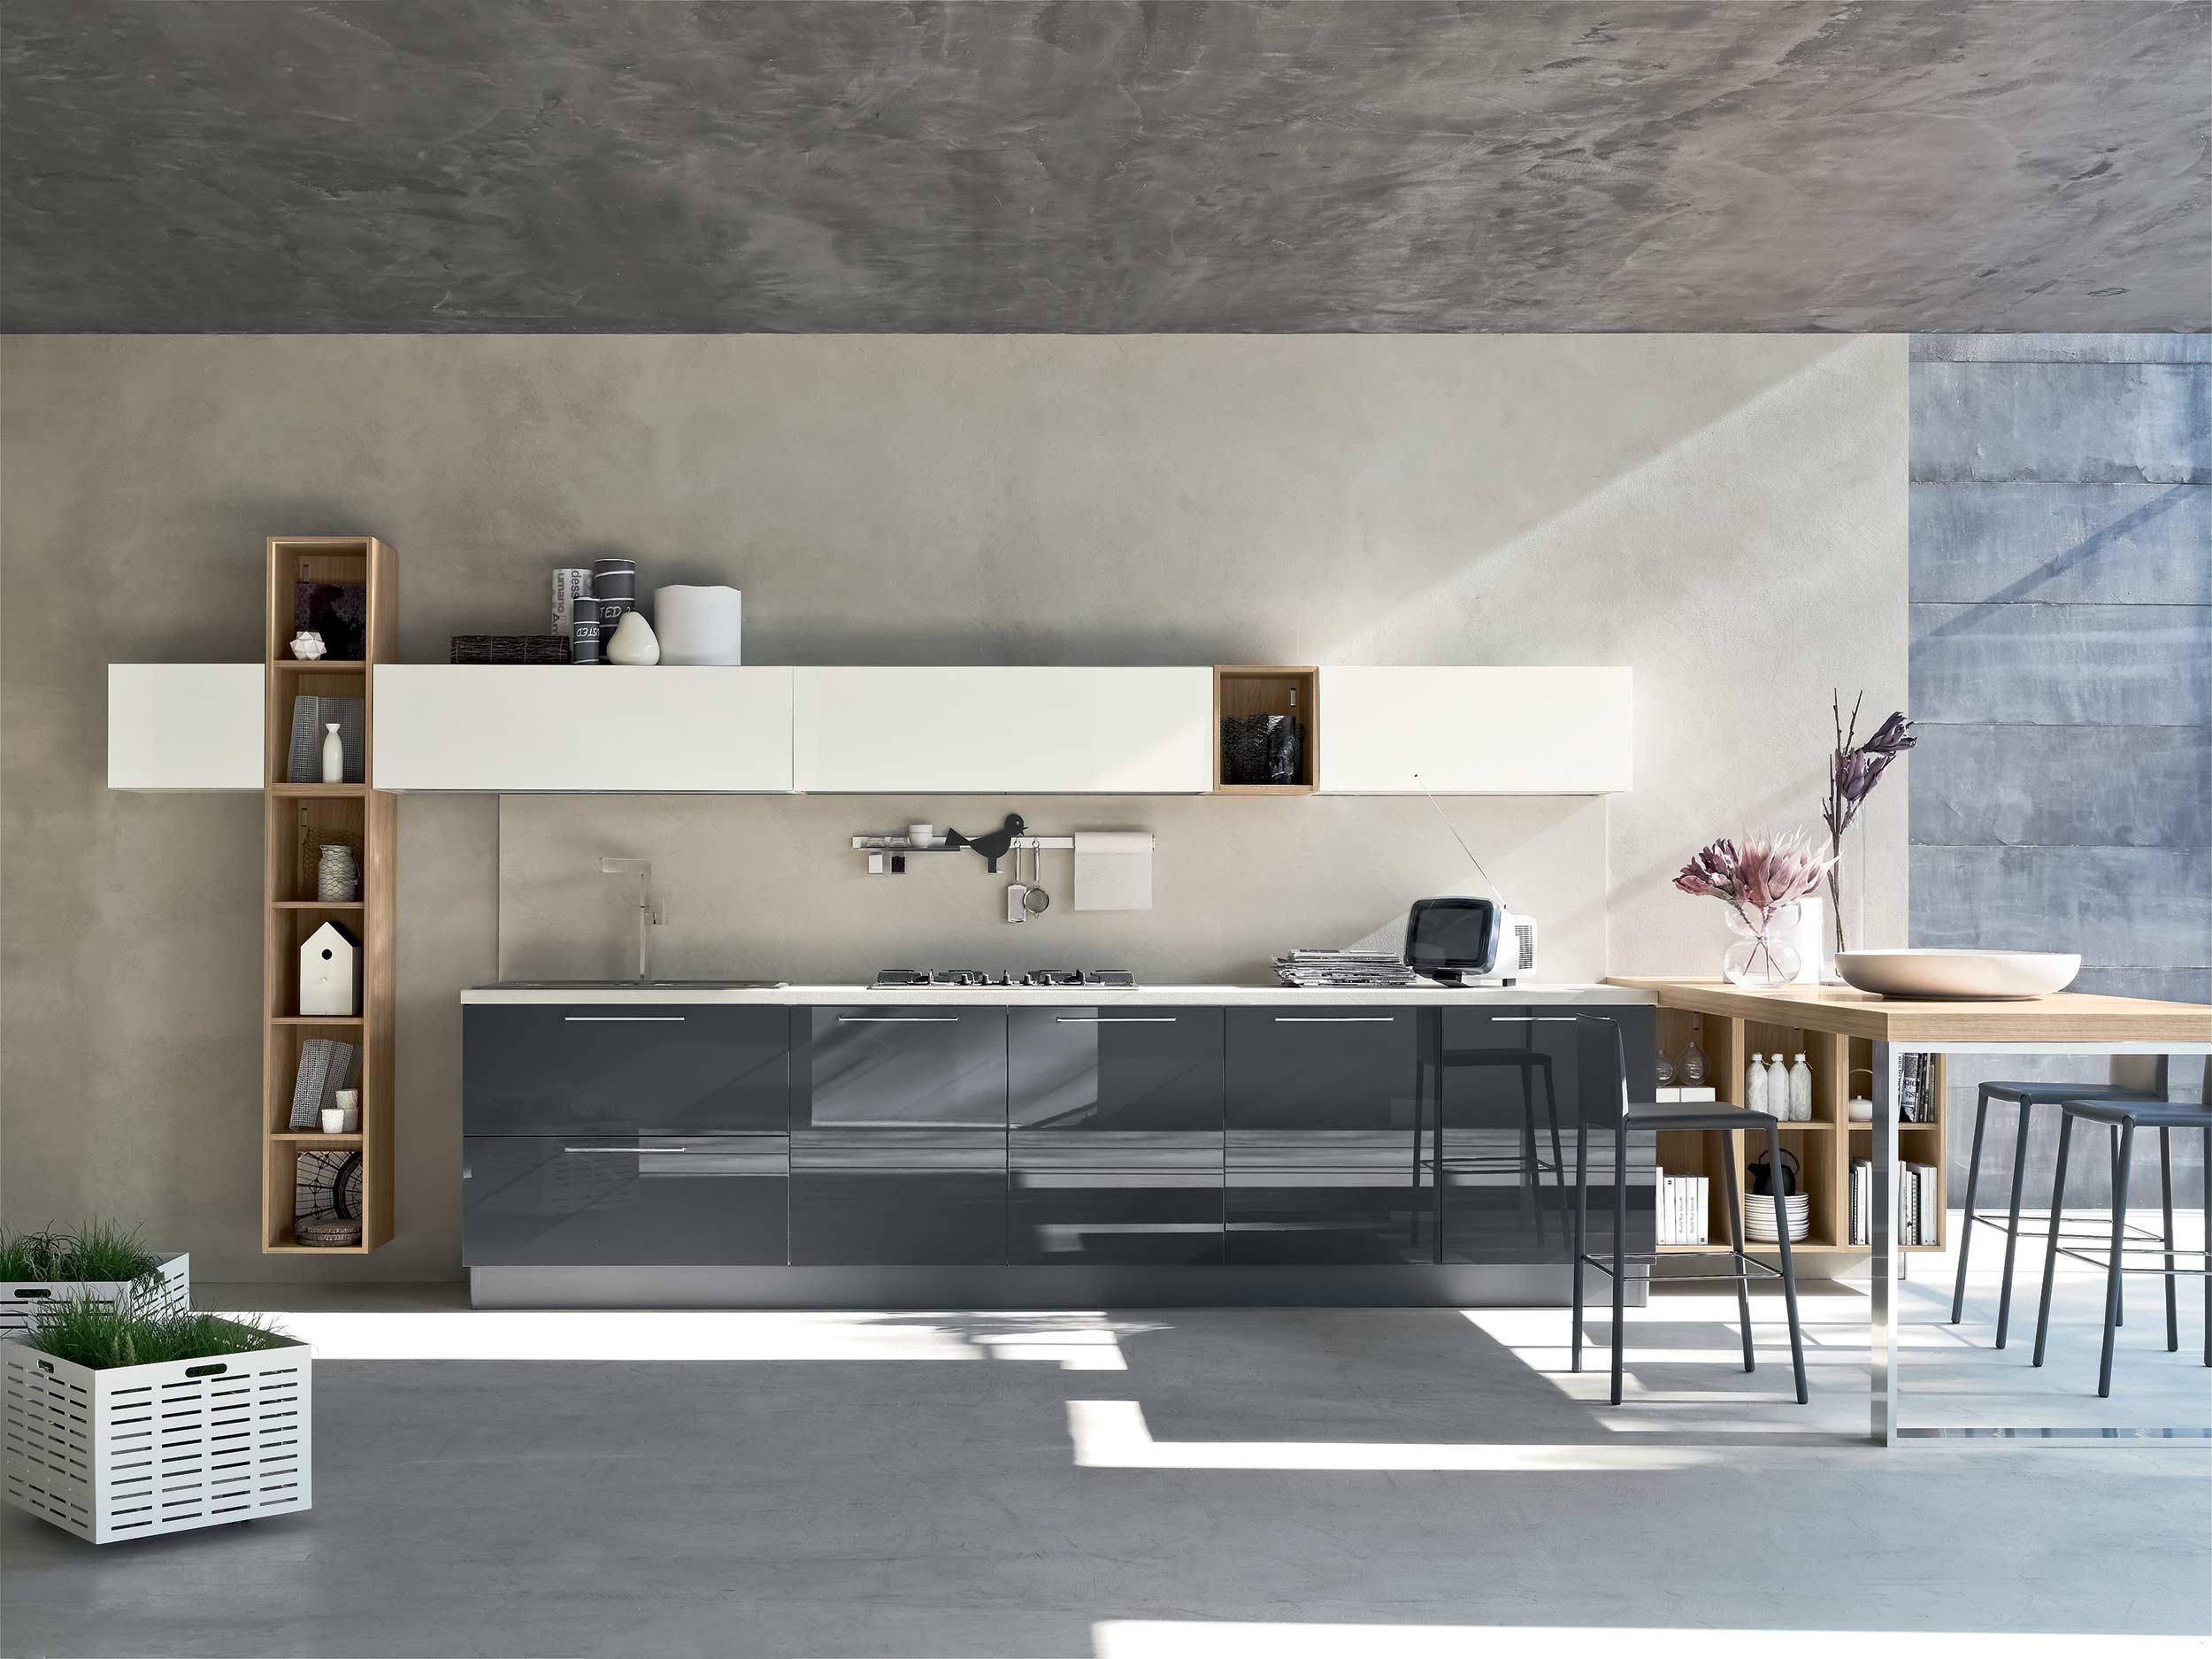 Cucine Stosa a Salerno - Cucina Dolce Vita